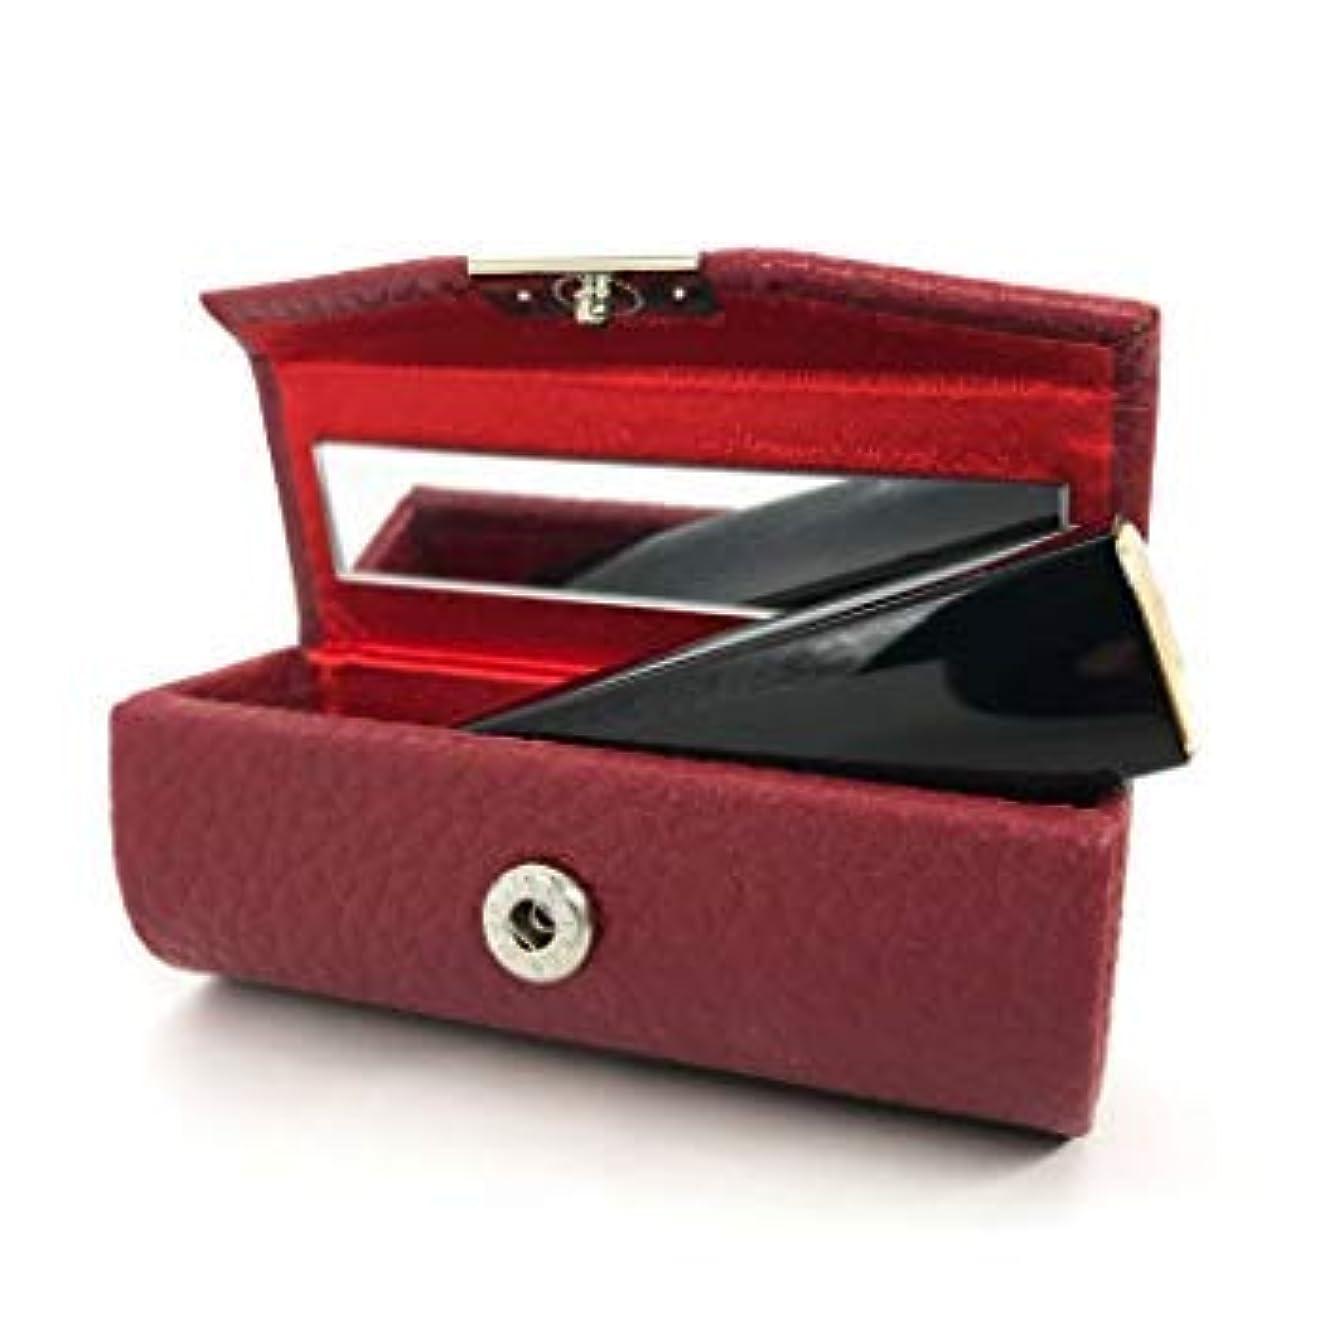 ユーモア路面電車木口紅ホルダー 収納ボックス リップスティックケース レザー ミラー付き